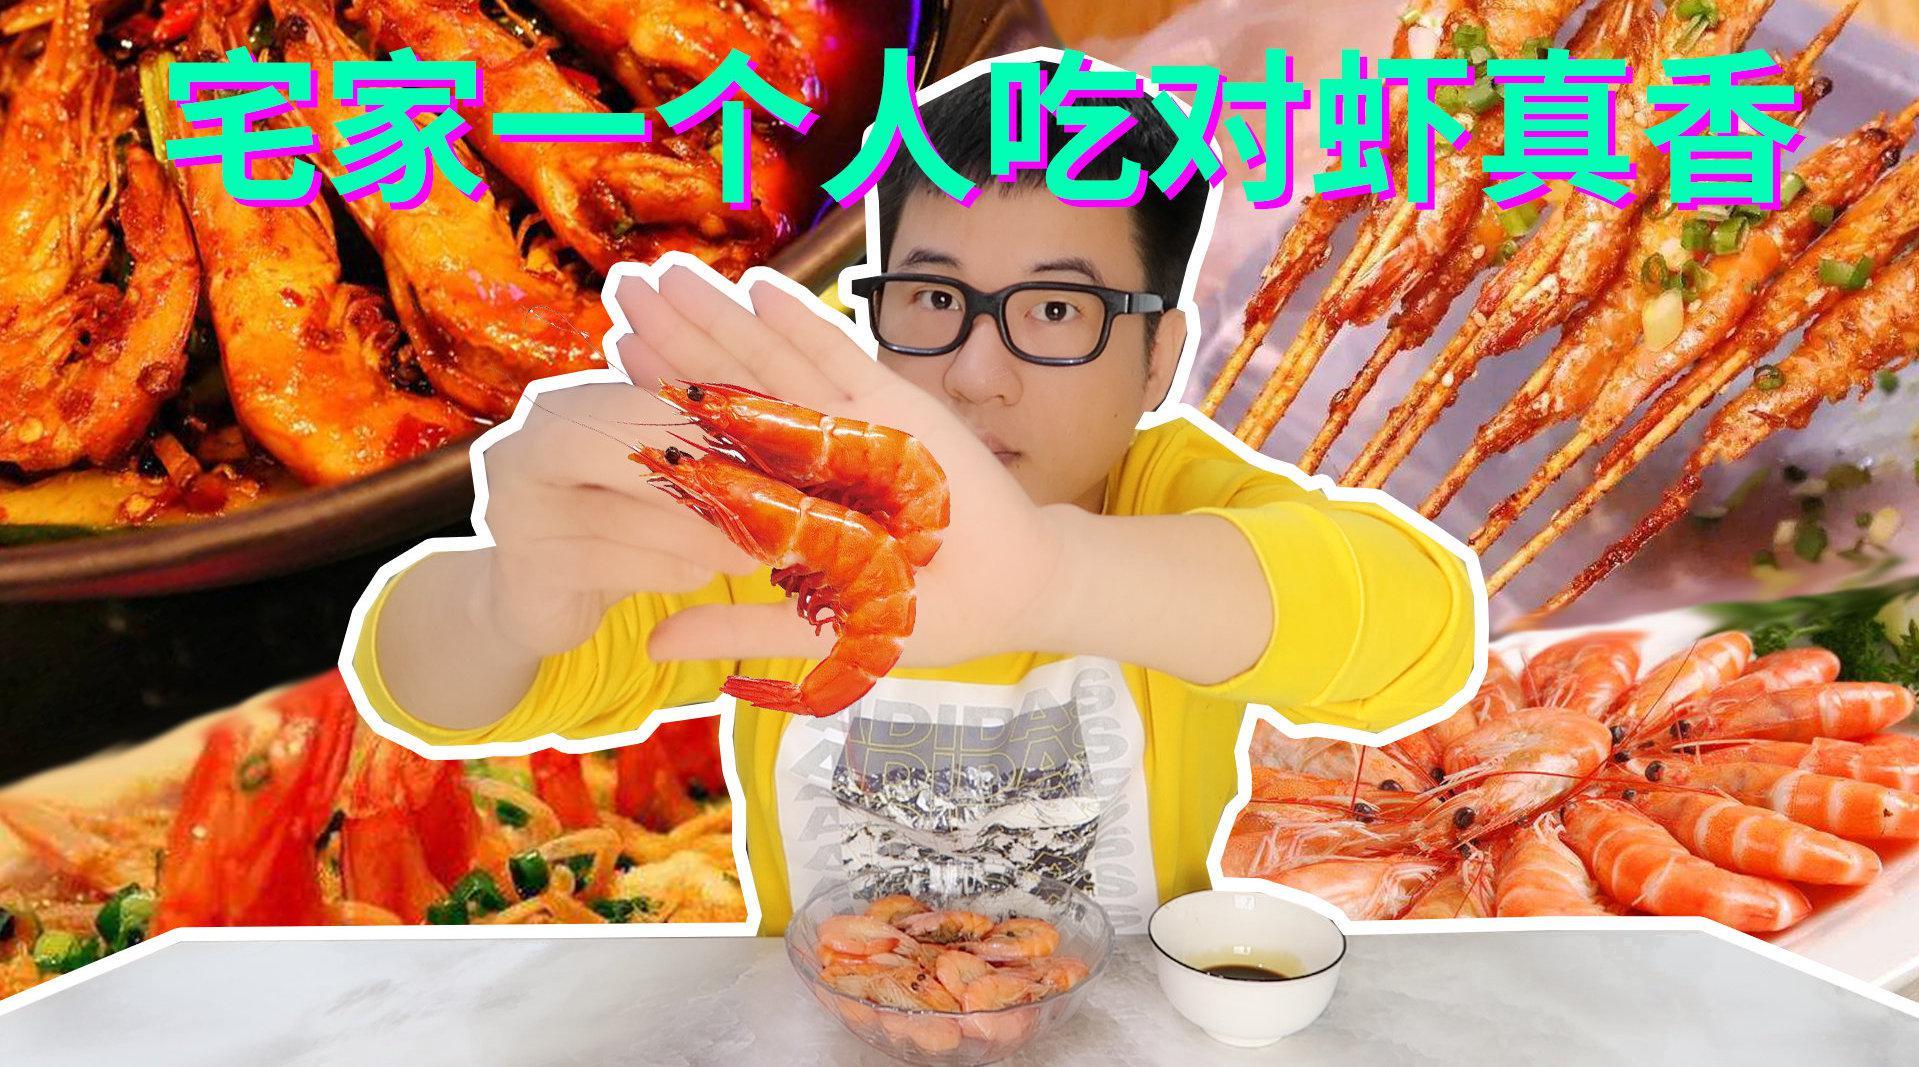 一个人宅家吃龙虾,一盒对虾22元,一口一个虾肉蘸酱吃真香